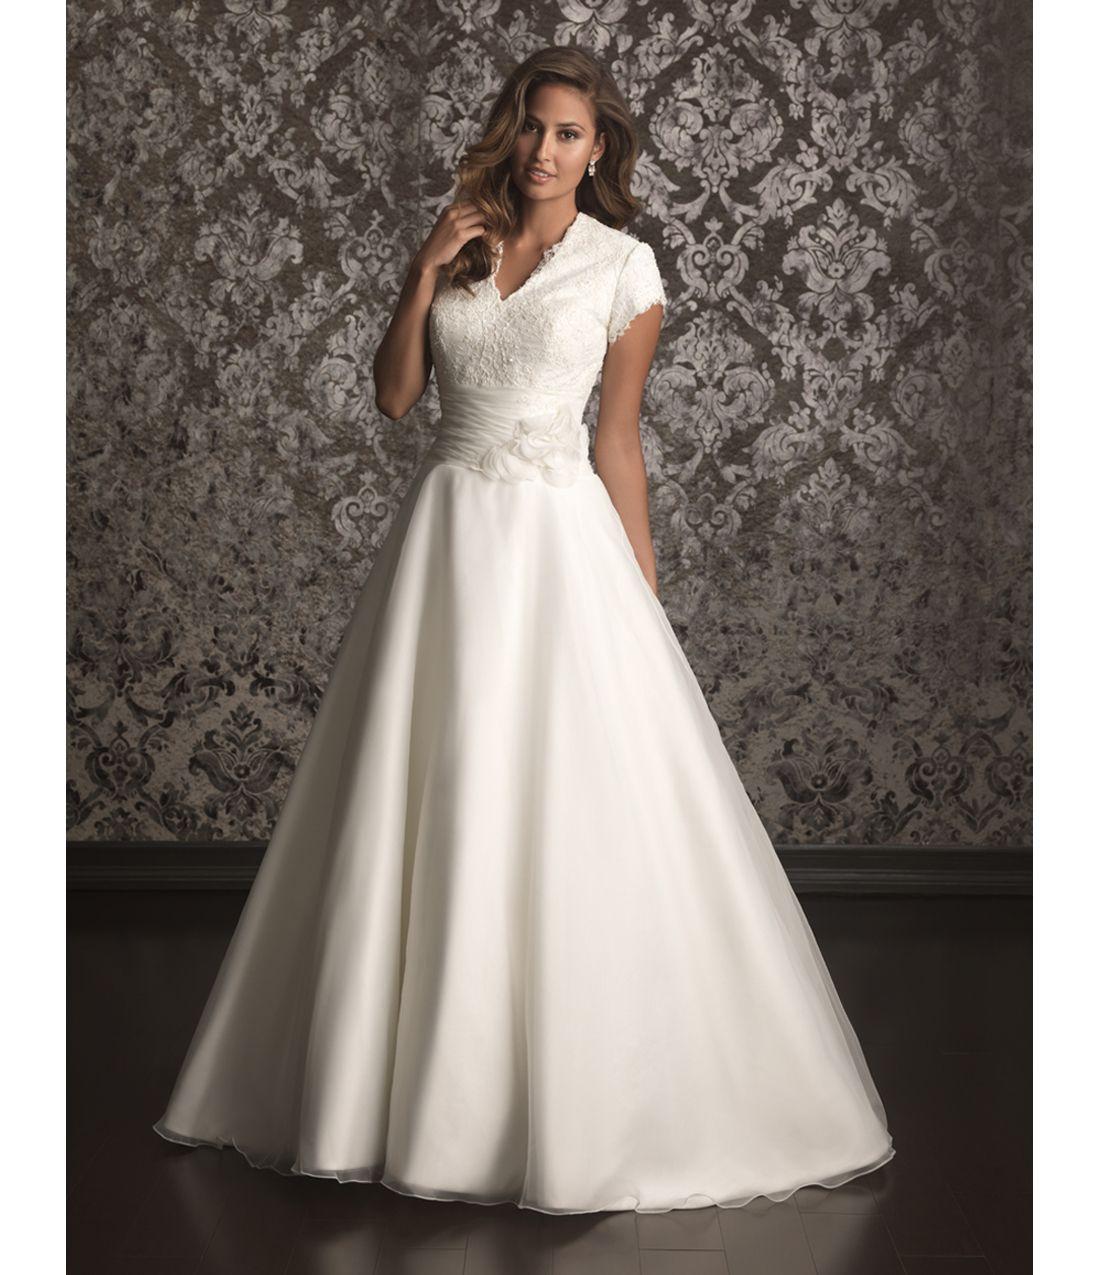 81 modest wedding dresses cheap Unique Wedding Dresses Pinterest 38